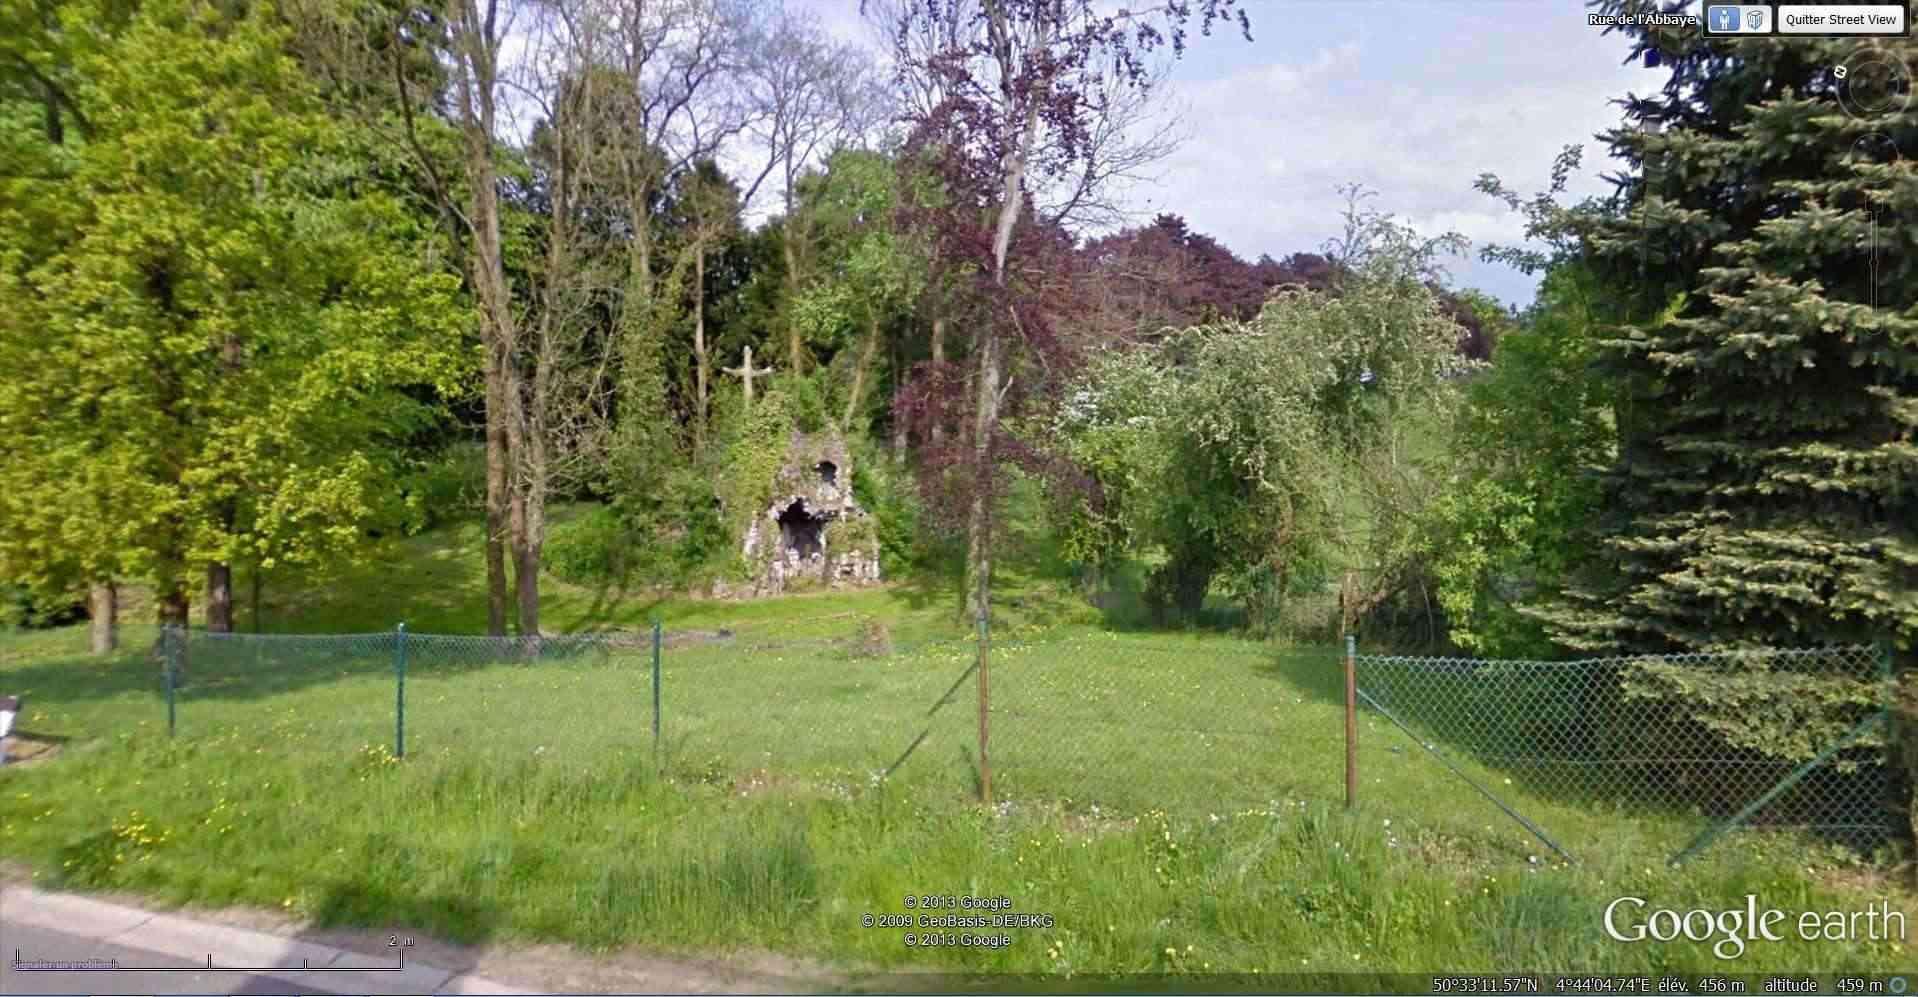 Les répliques de la grotte de Lourdes - Page 2 2013-161